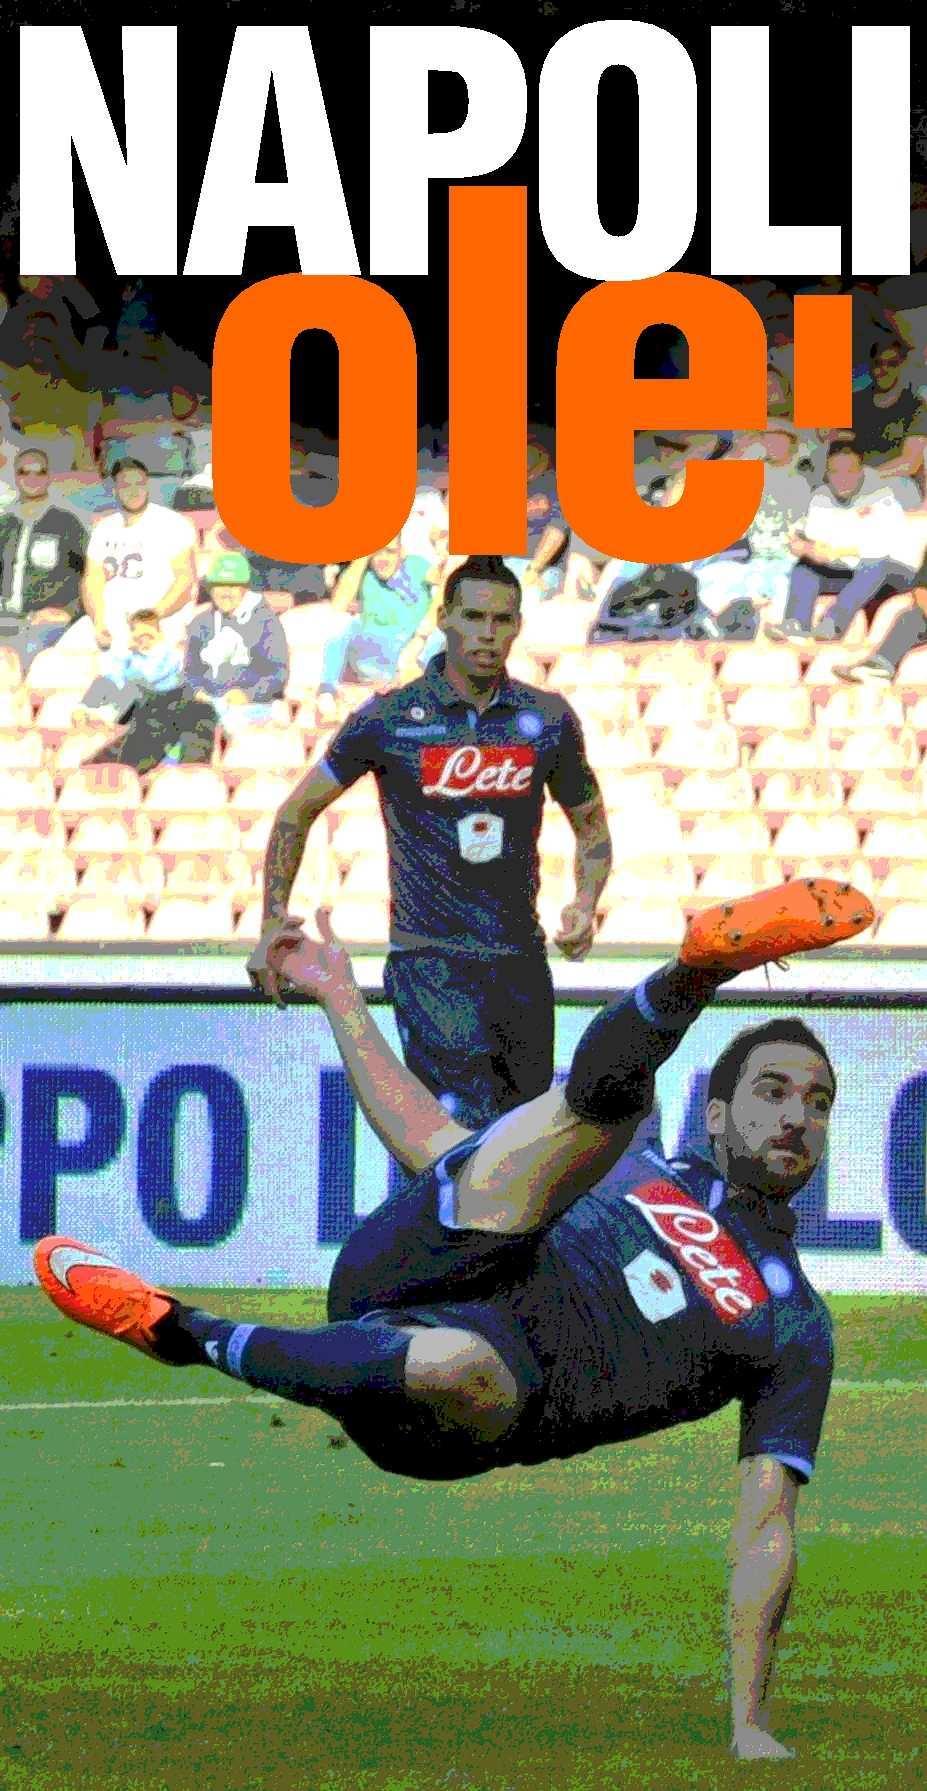 E lo scudetto non sarà solo un duello Juve-Roma. 235 commenti. Soccer   Serie A  Napoli-Roma 2f82a7e114d8